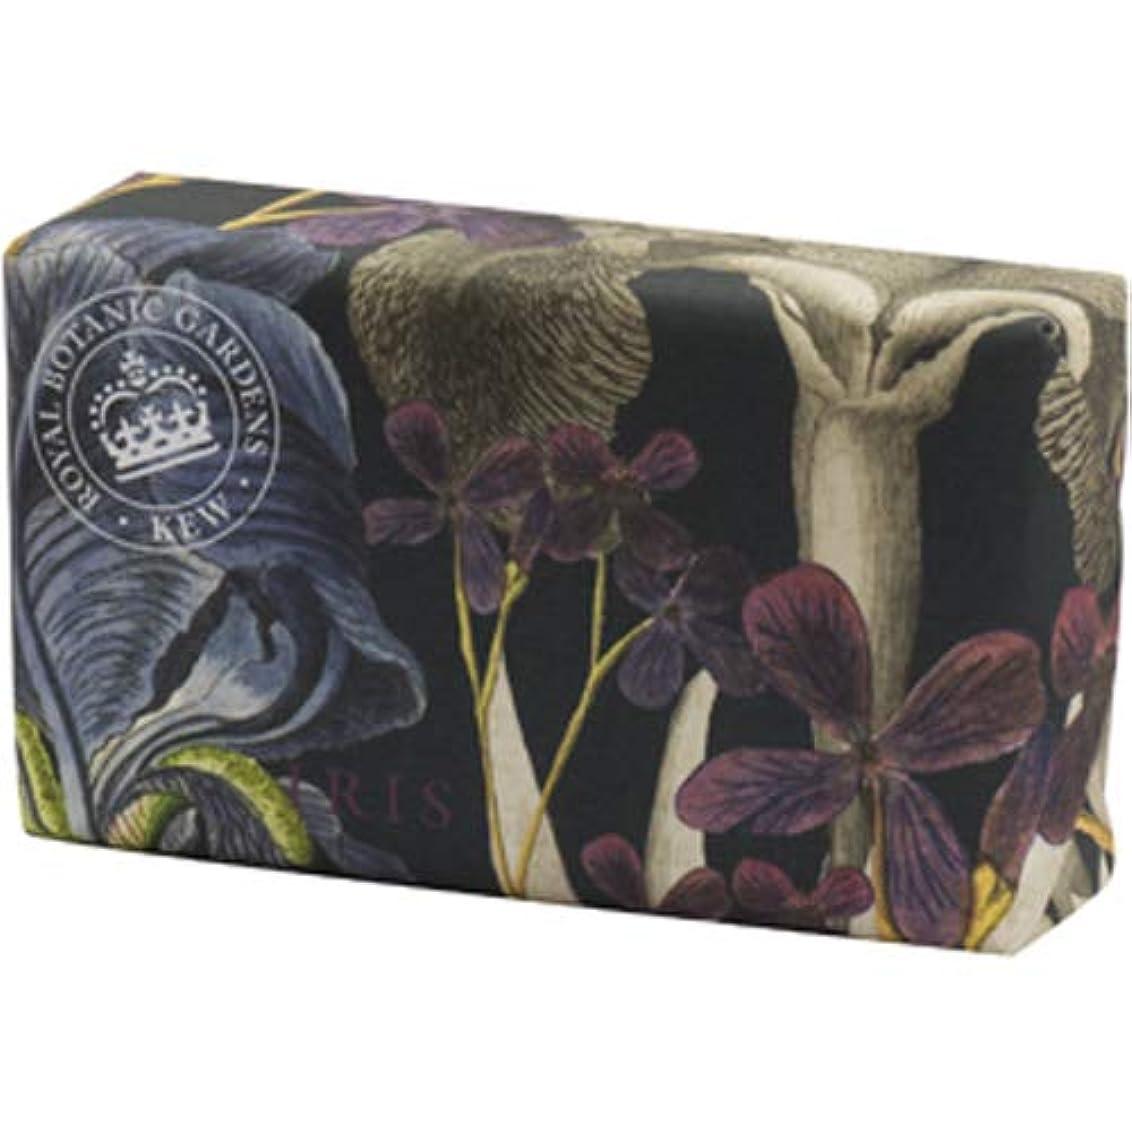 超越する強制的メディックEnglish Soap Company イングリッシュソープカンパニー KEW GARDEN キュー?ガーデン Luxury Shea Soaps シアソープ Iris アイリス